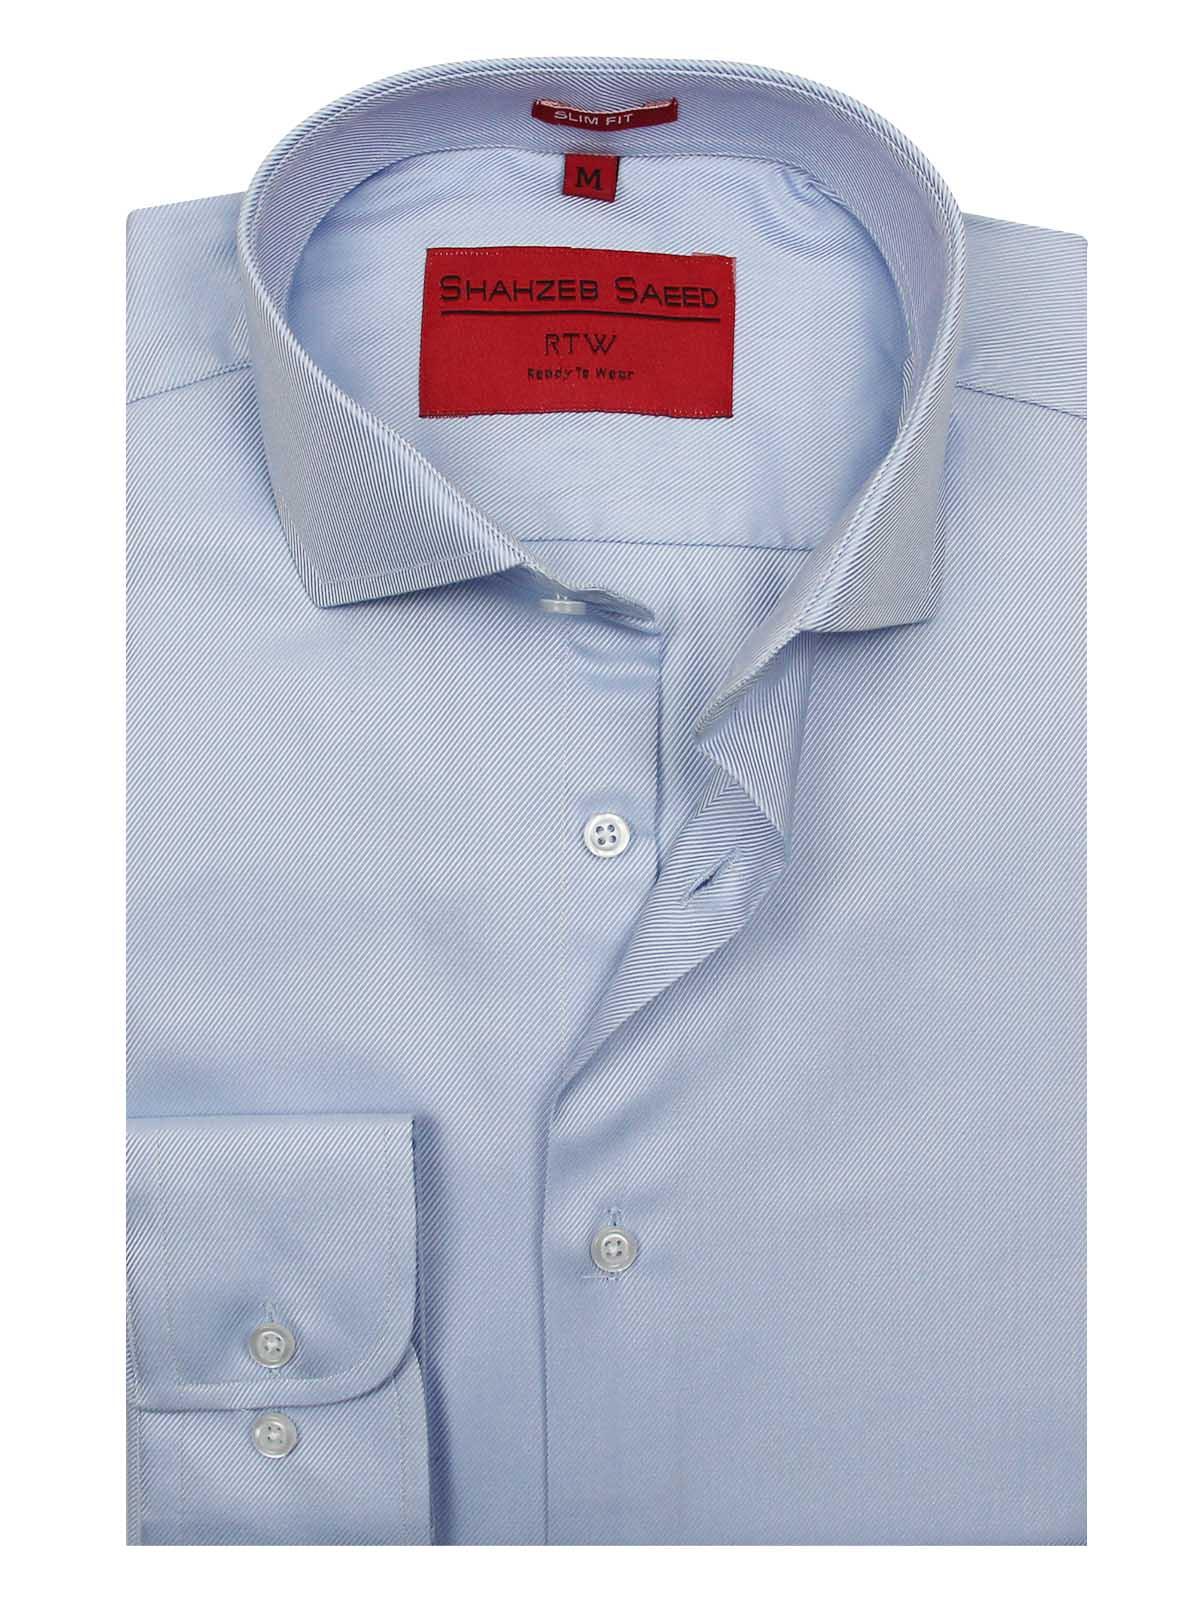 Shahzeb Saeed Royal Blue Plain Regular Fit Dress Shirt For Men